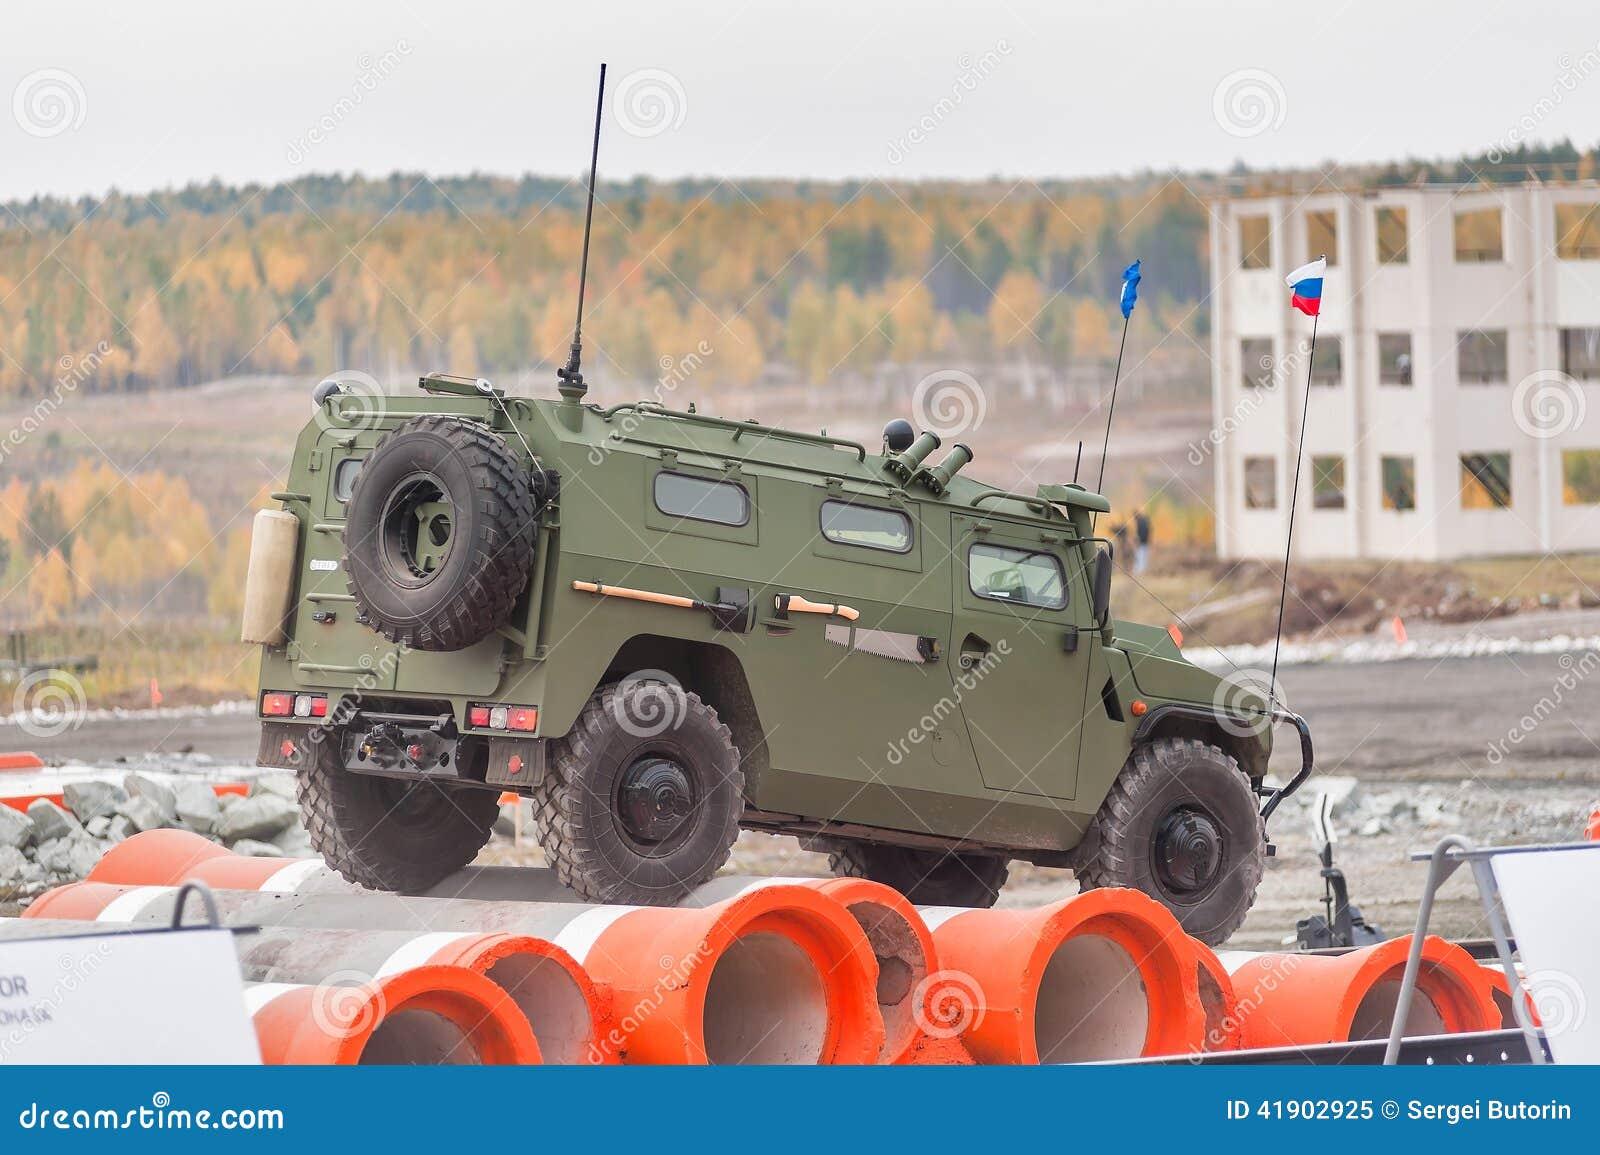 Vehículo blindado de VPK-233115 Tigr-M (Rusia)